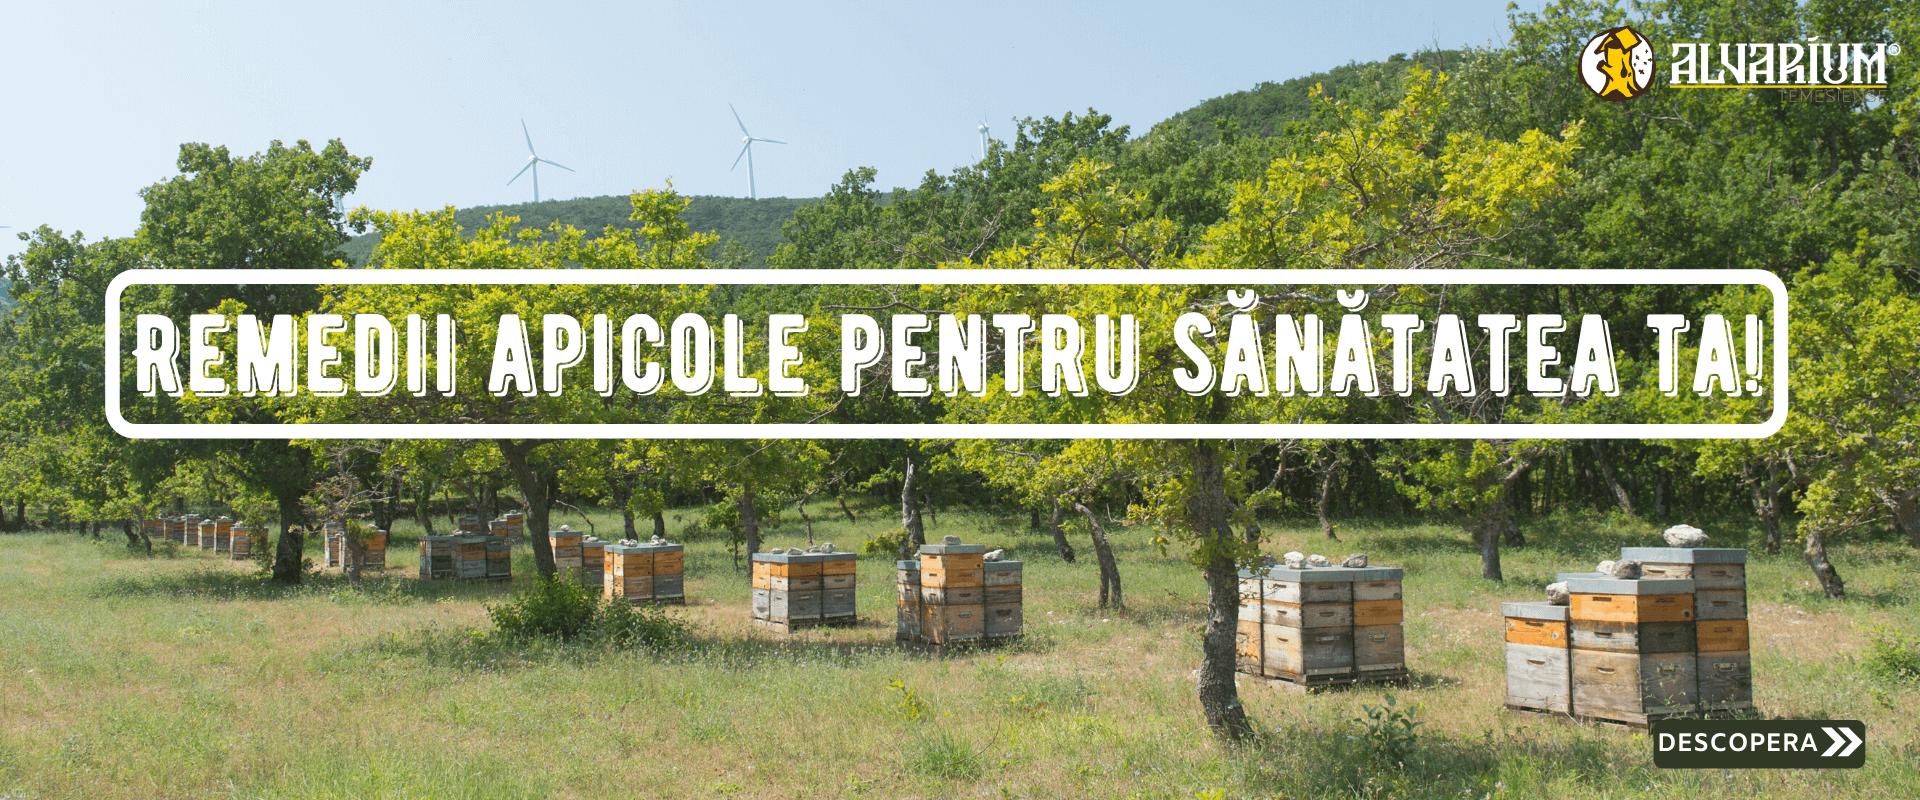 Renedii apicole pentru sanatatea ta!